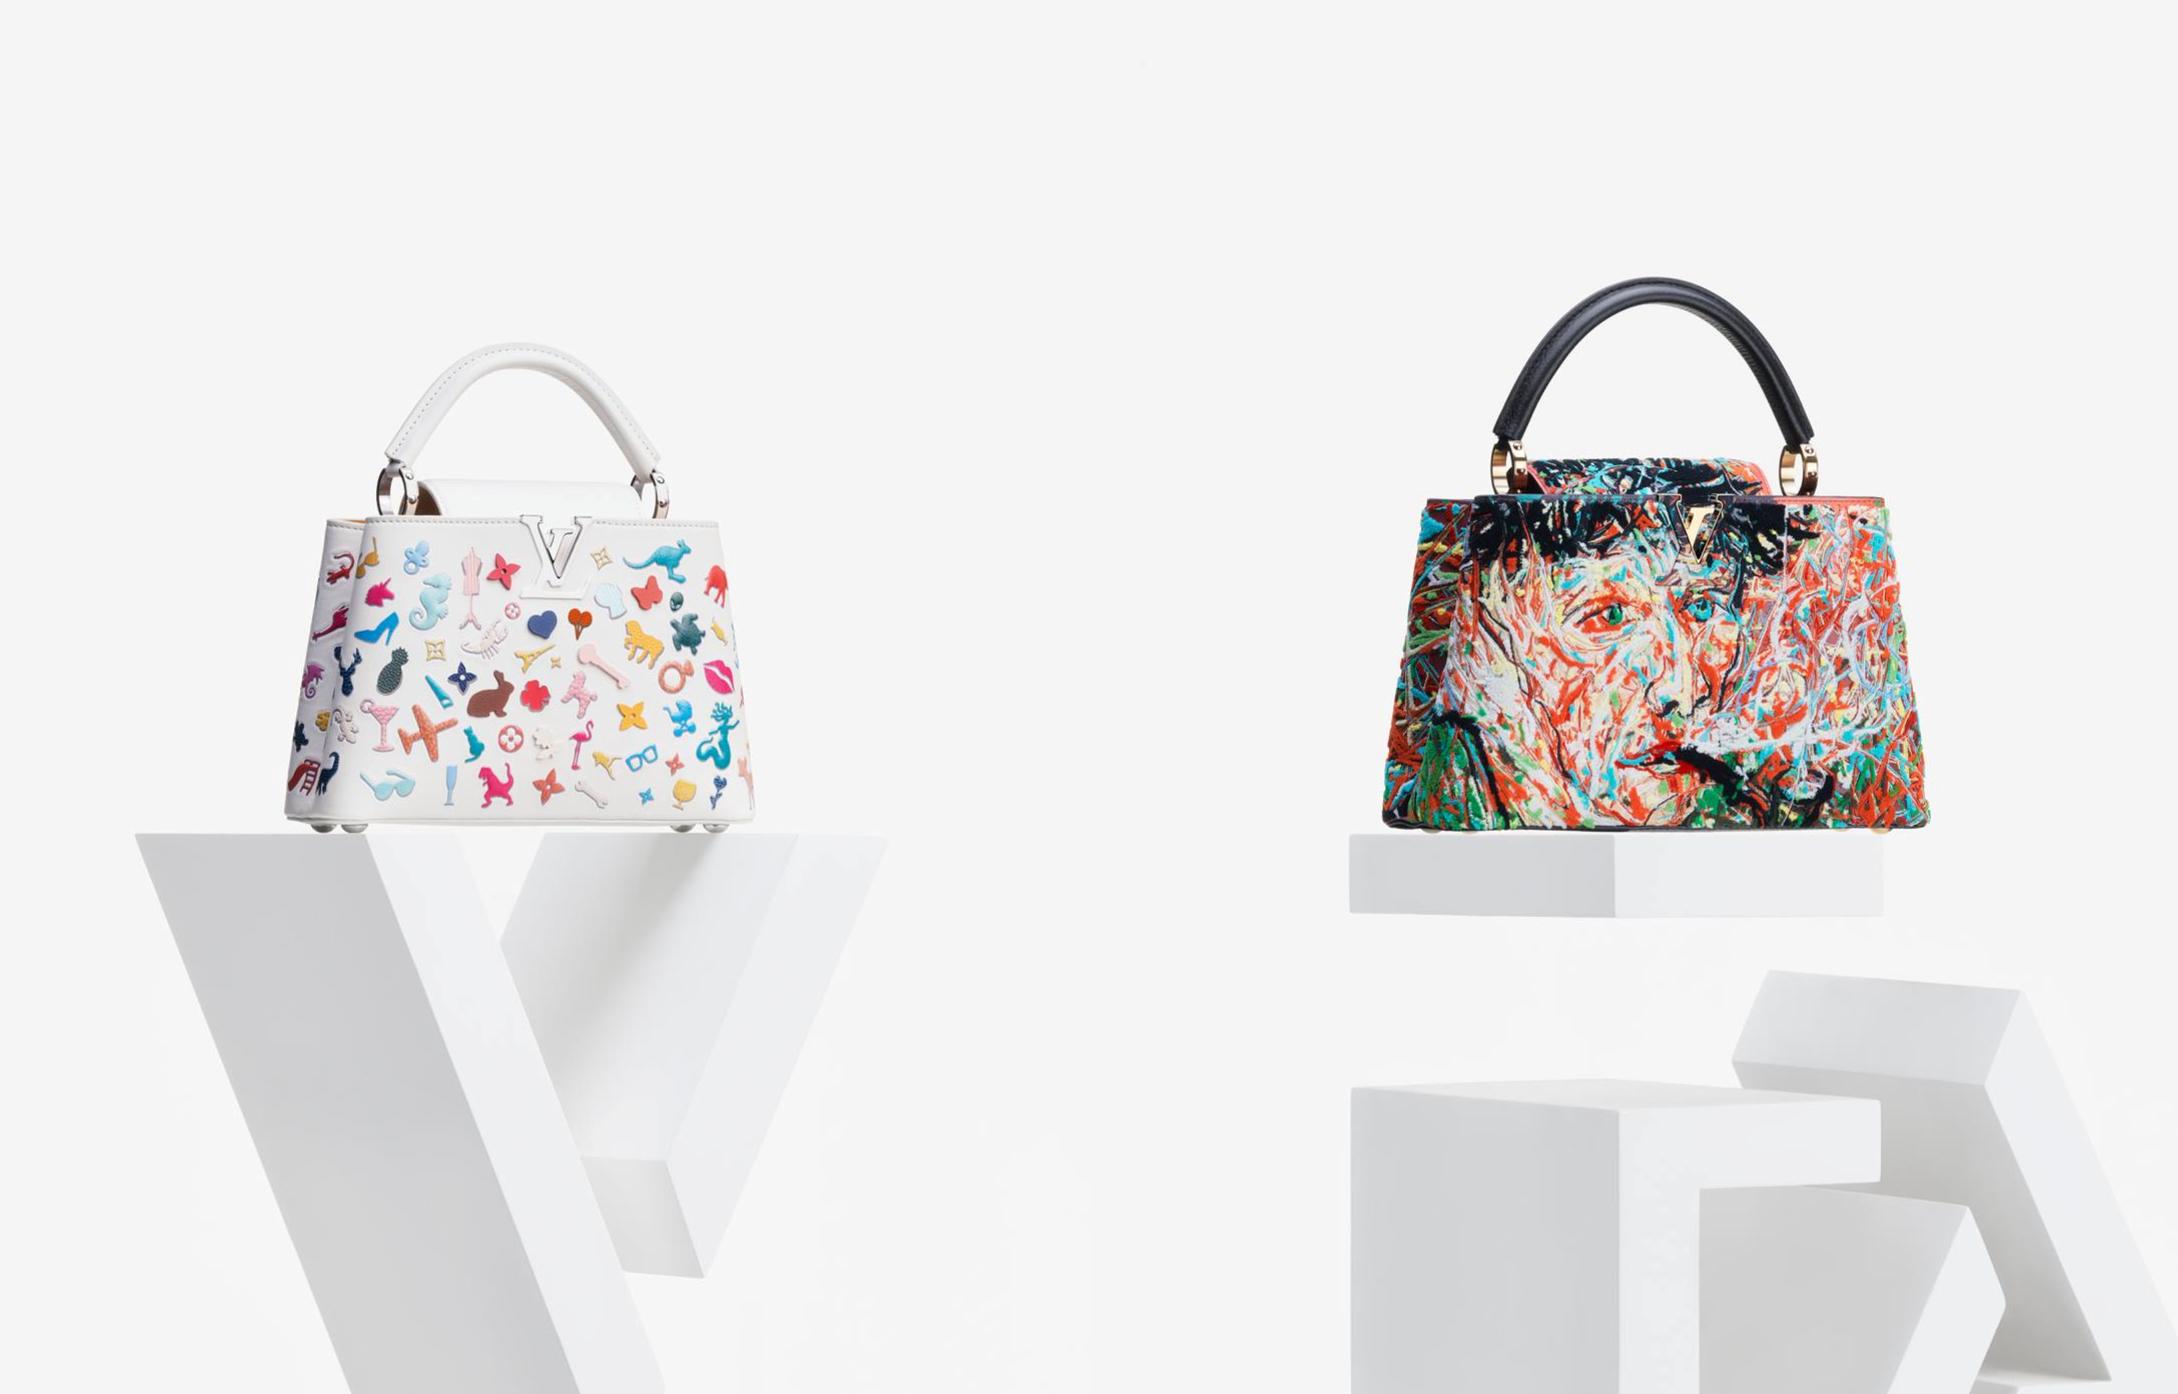 Vik Muniz và Zeng Fanzhi mang đến hai thiết kế mang đậm hơi thở nghệ thuật. Ảnh: Louis Vuitton